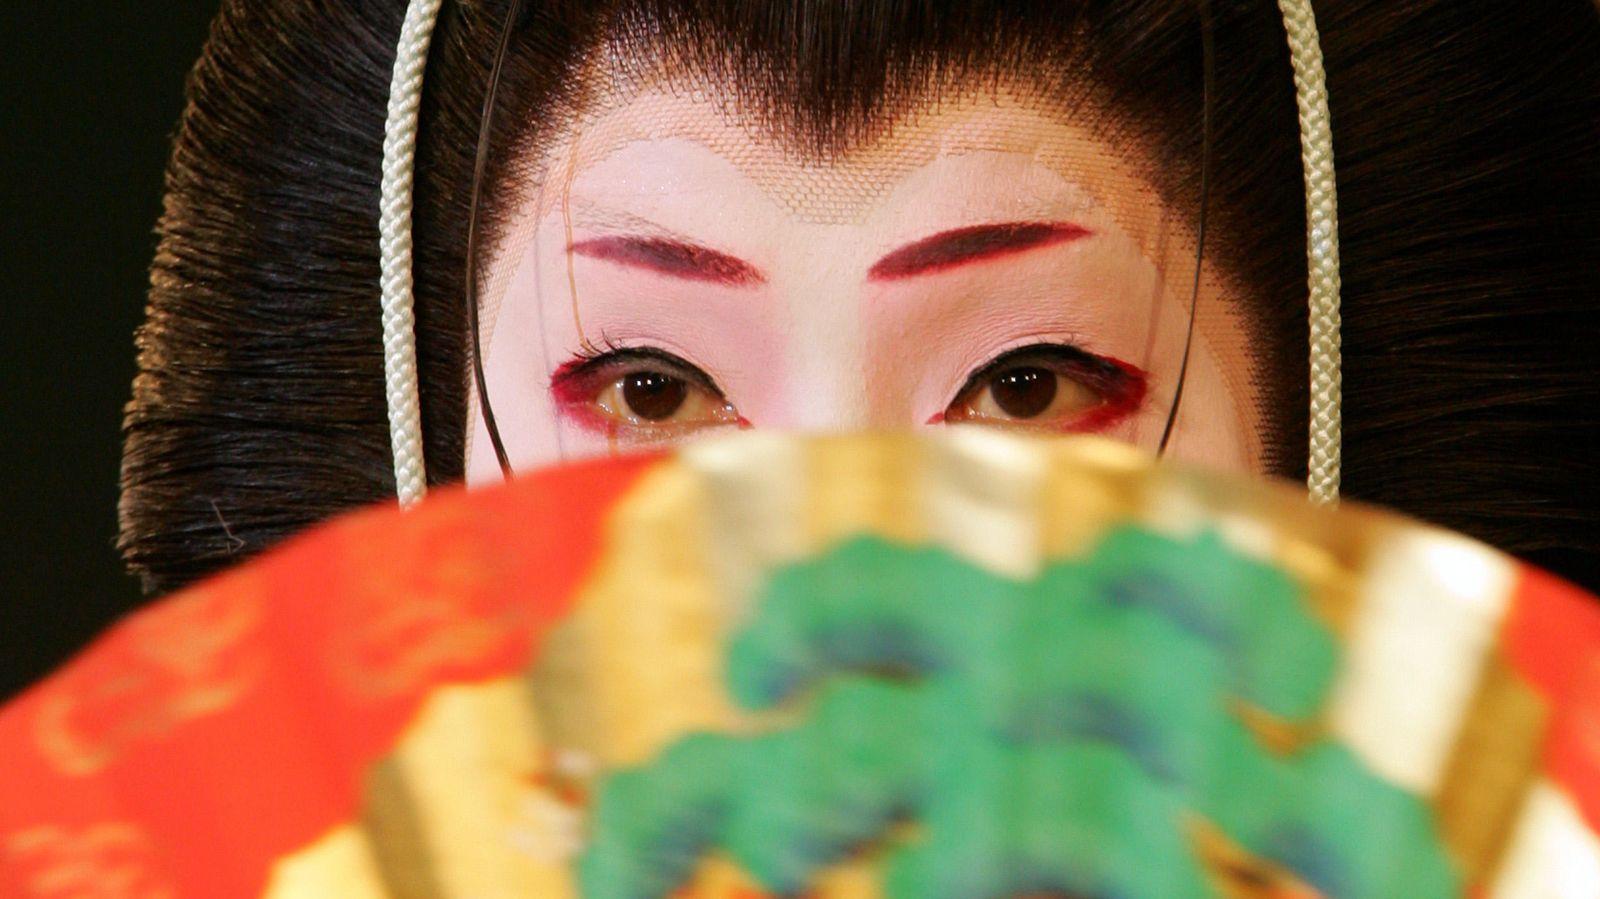 Foto: Una geiko actúa en la ciudad de Kioto. (Reuters) (El resto de fotografía del artículo son cortesía de Kyoko Aihara)